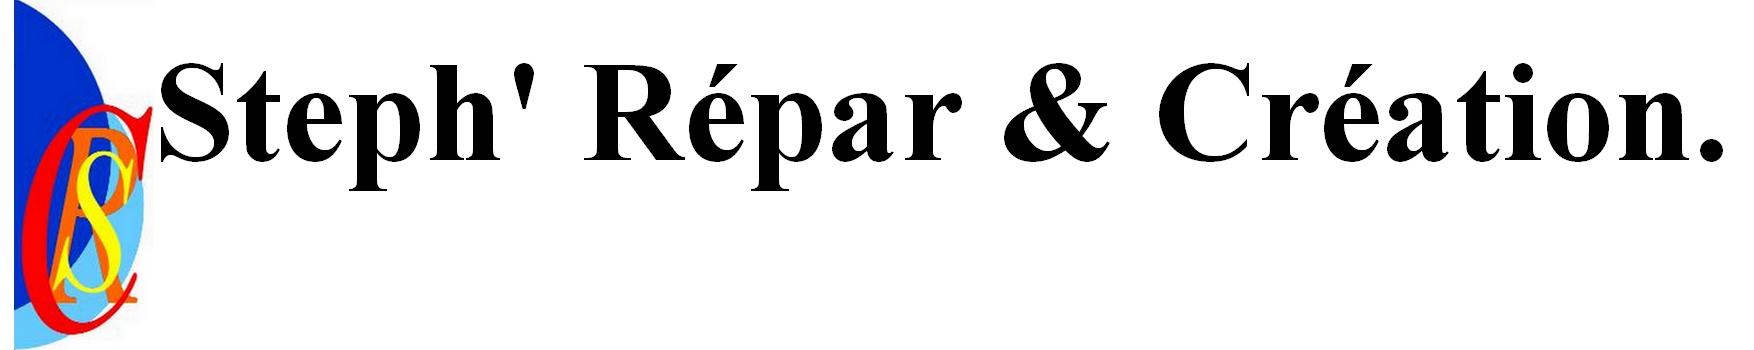 Steph' Répar & Création